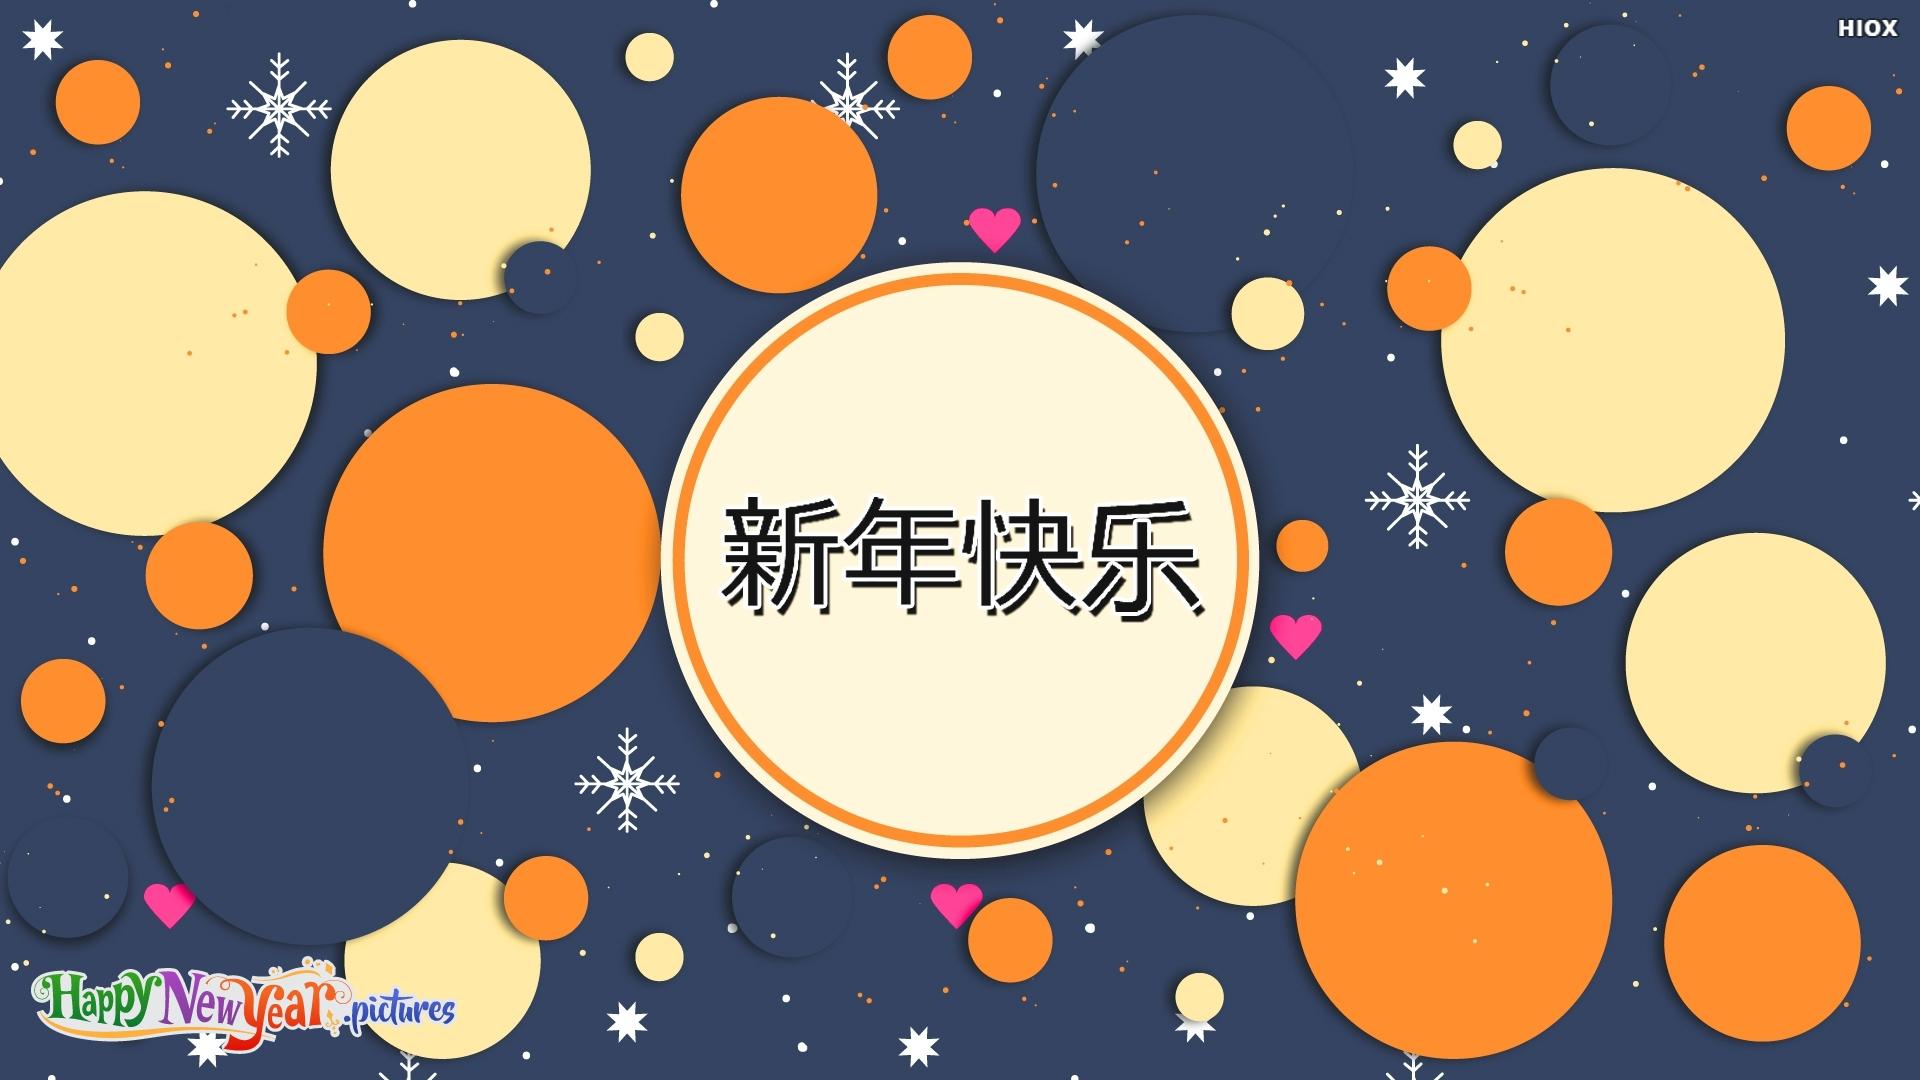 祝所有朋友新年快乐